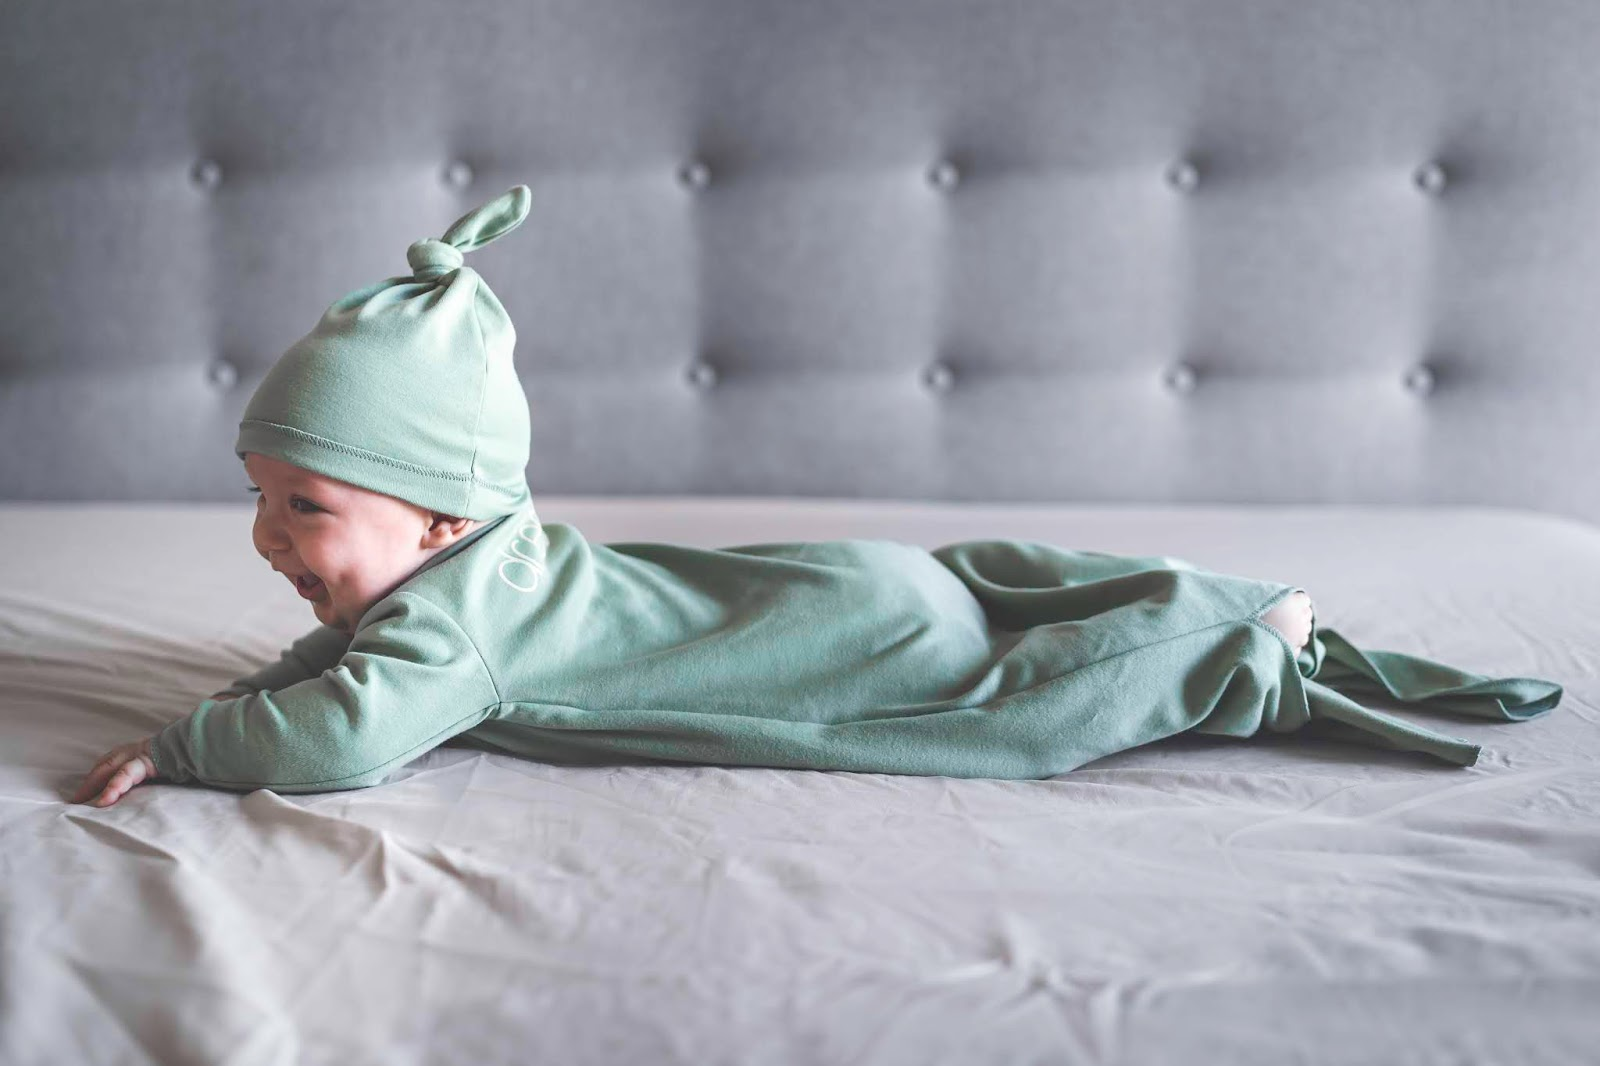 Śpij-worek Snap The Moment - śpioszki i śpiworek w jednym